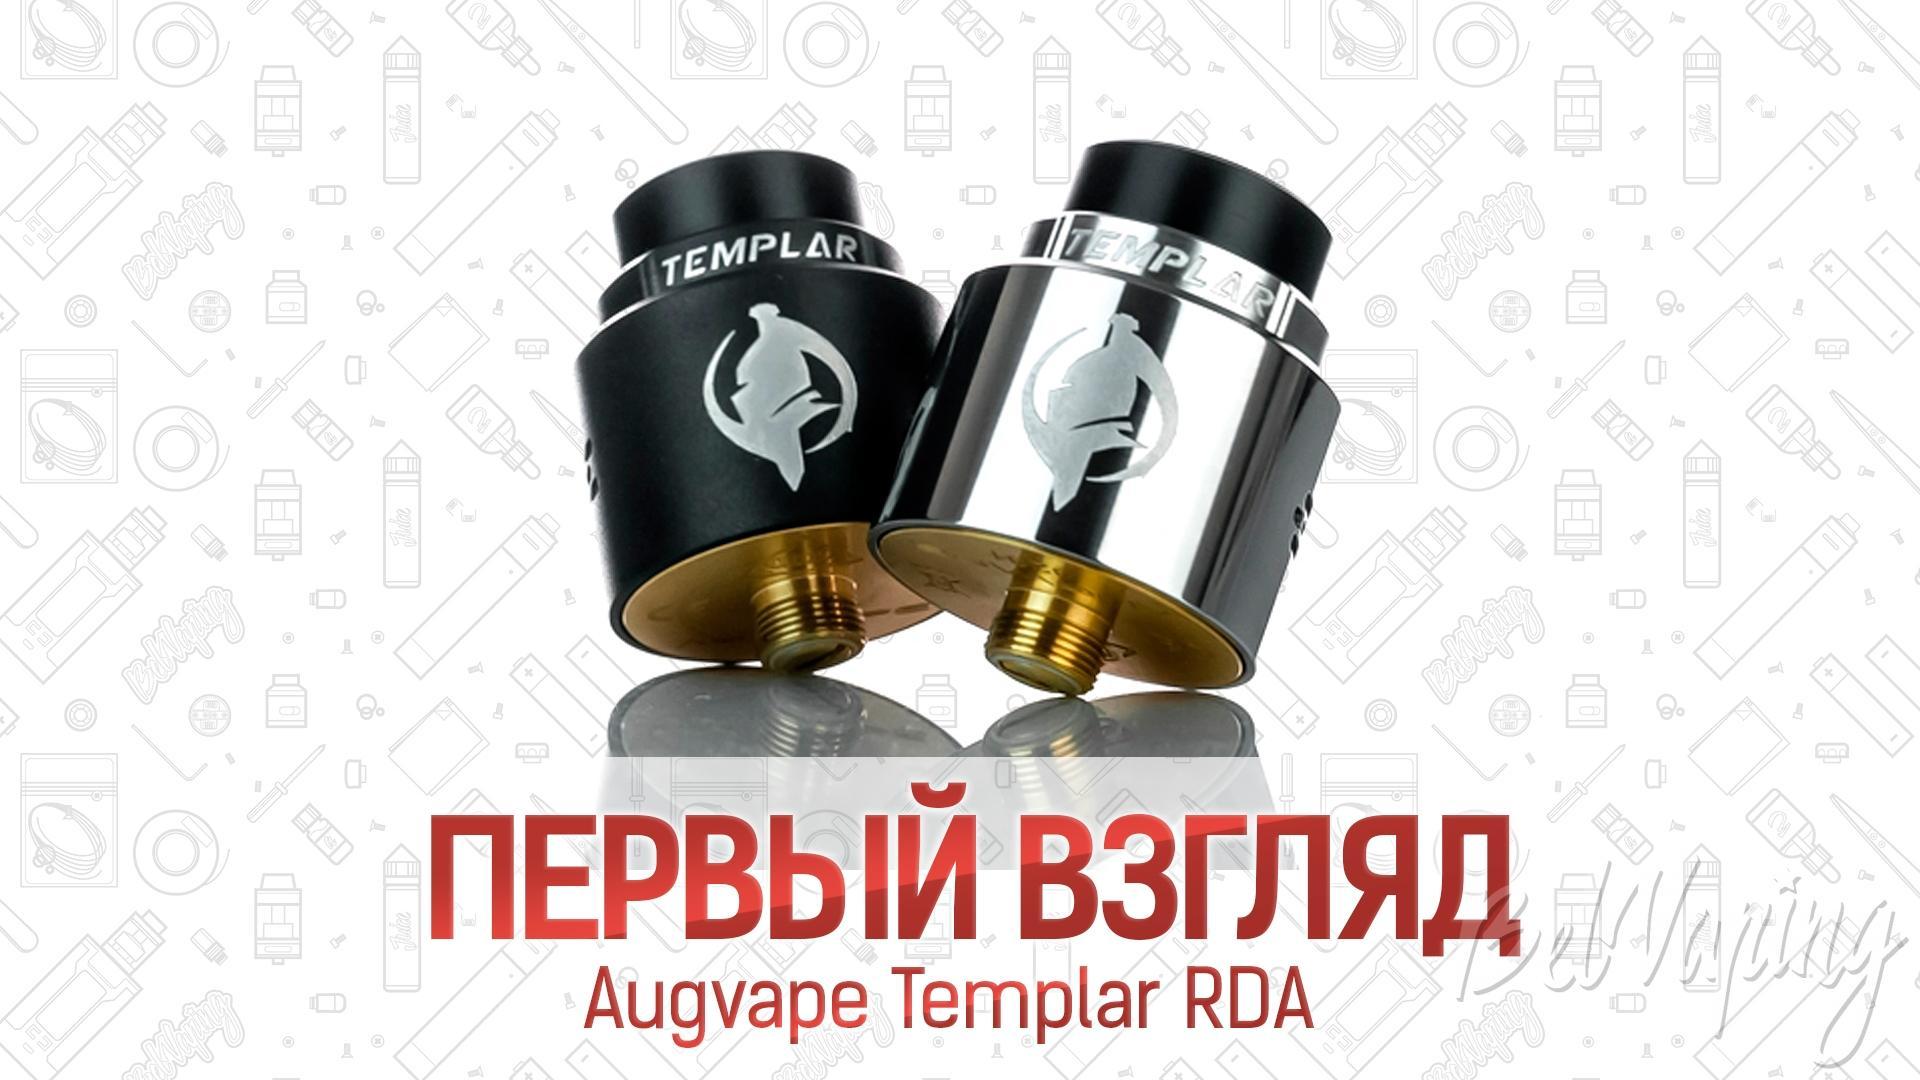 Augvape Templar RDA. Первый взгляд